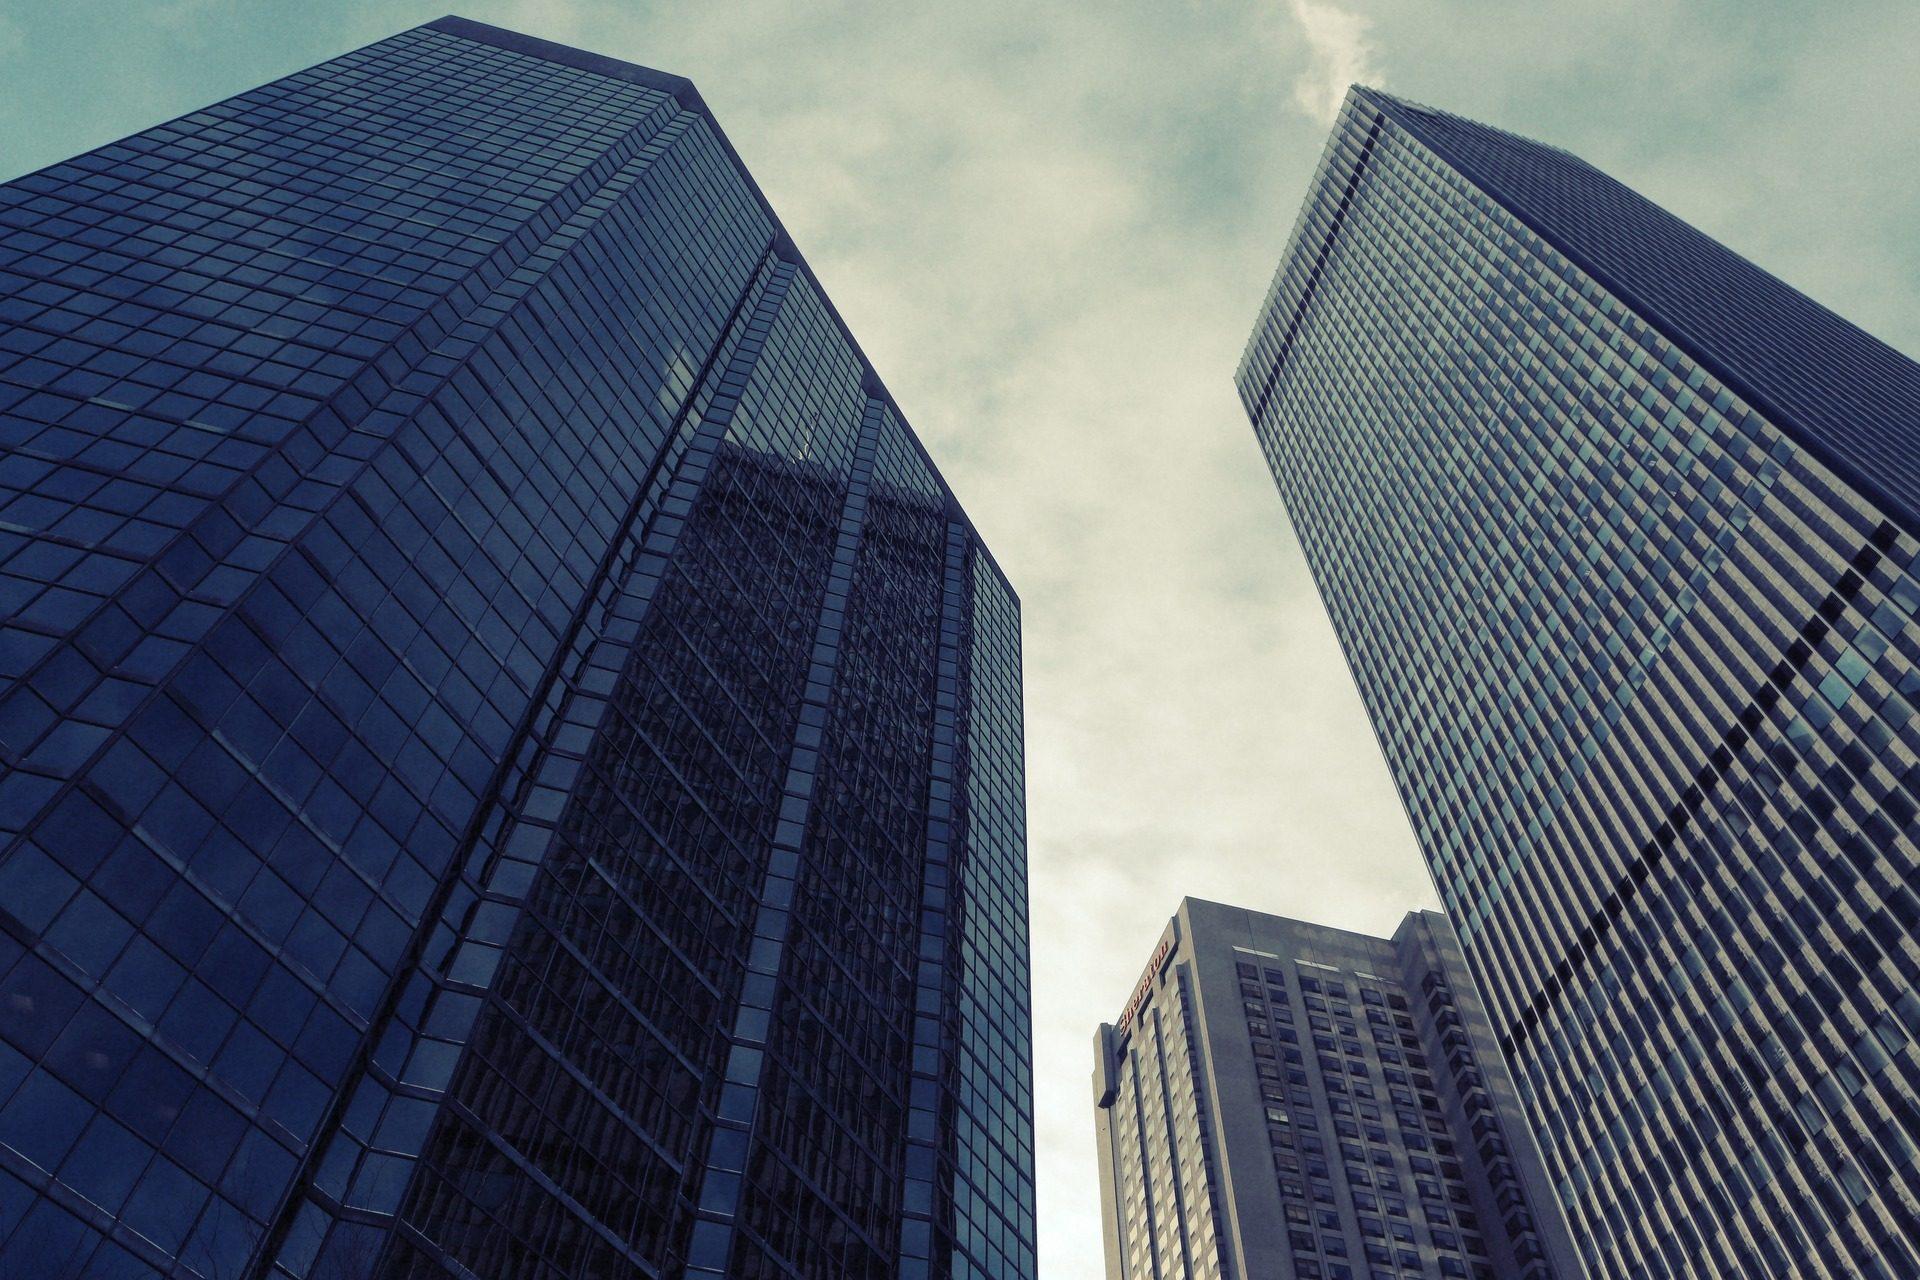 edificios, rascacielos, altura, ciudad, plantas - Fondos de Pantalla HD - professor-falken.com